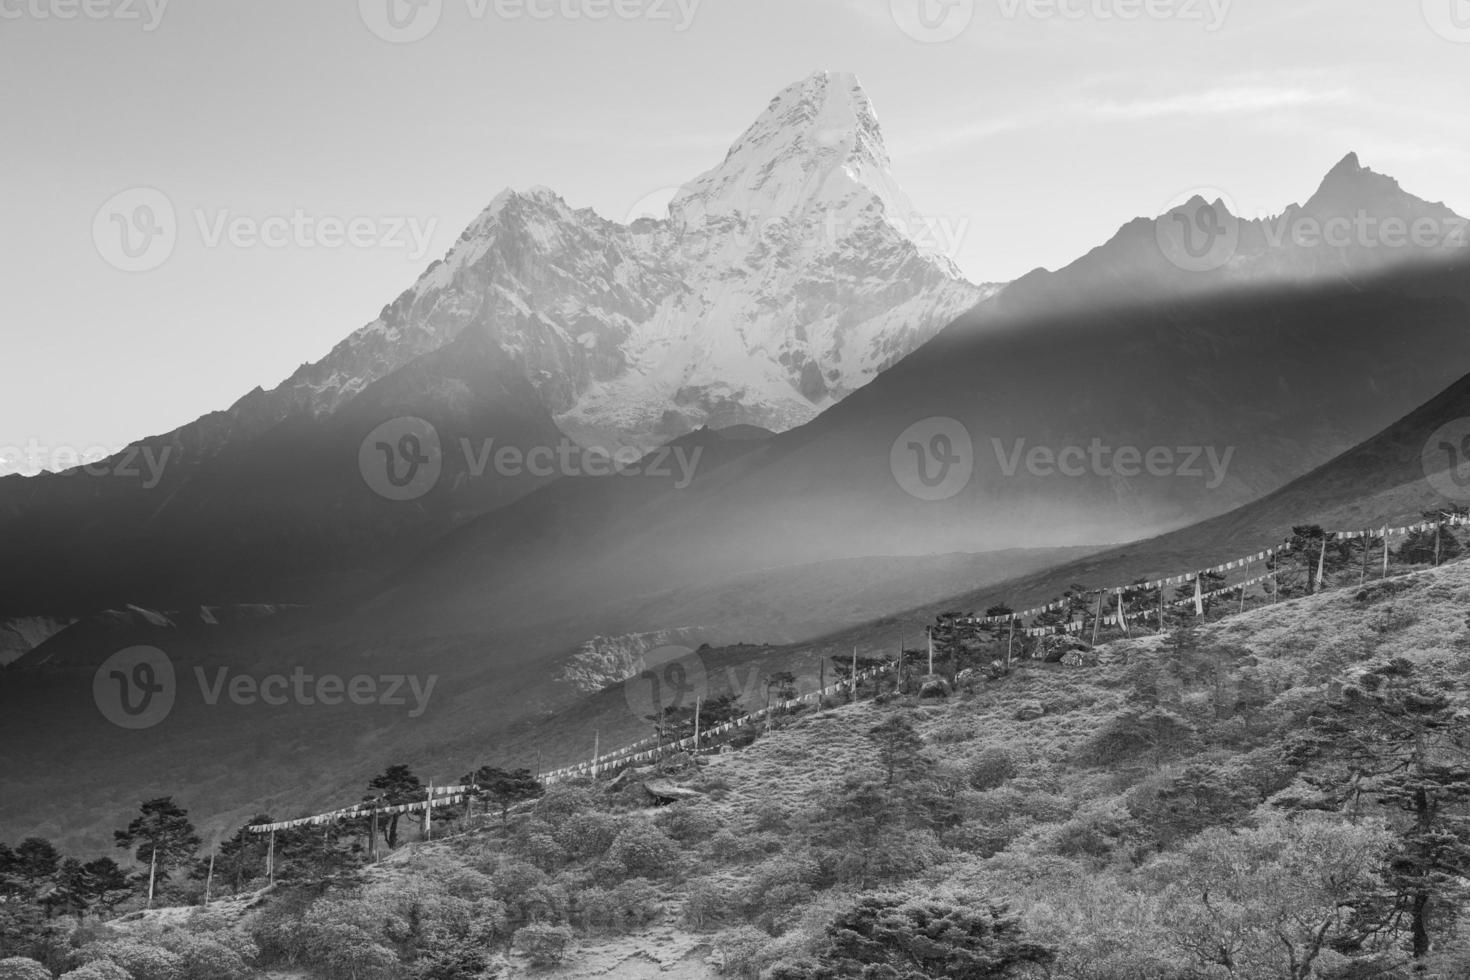 b & w ama dablam picos de las montañas niebla de la mañana, tengboche village, nepal. foto